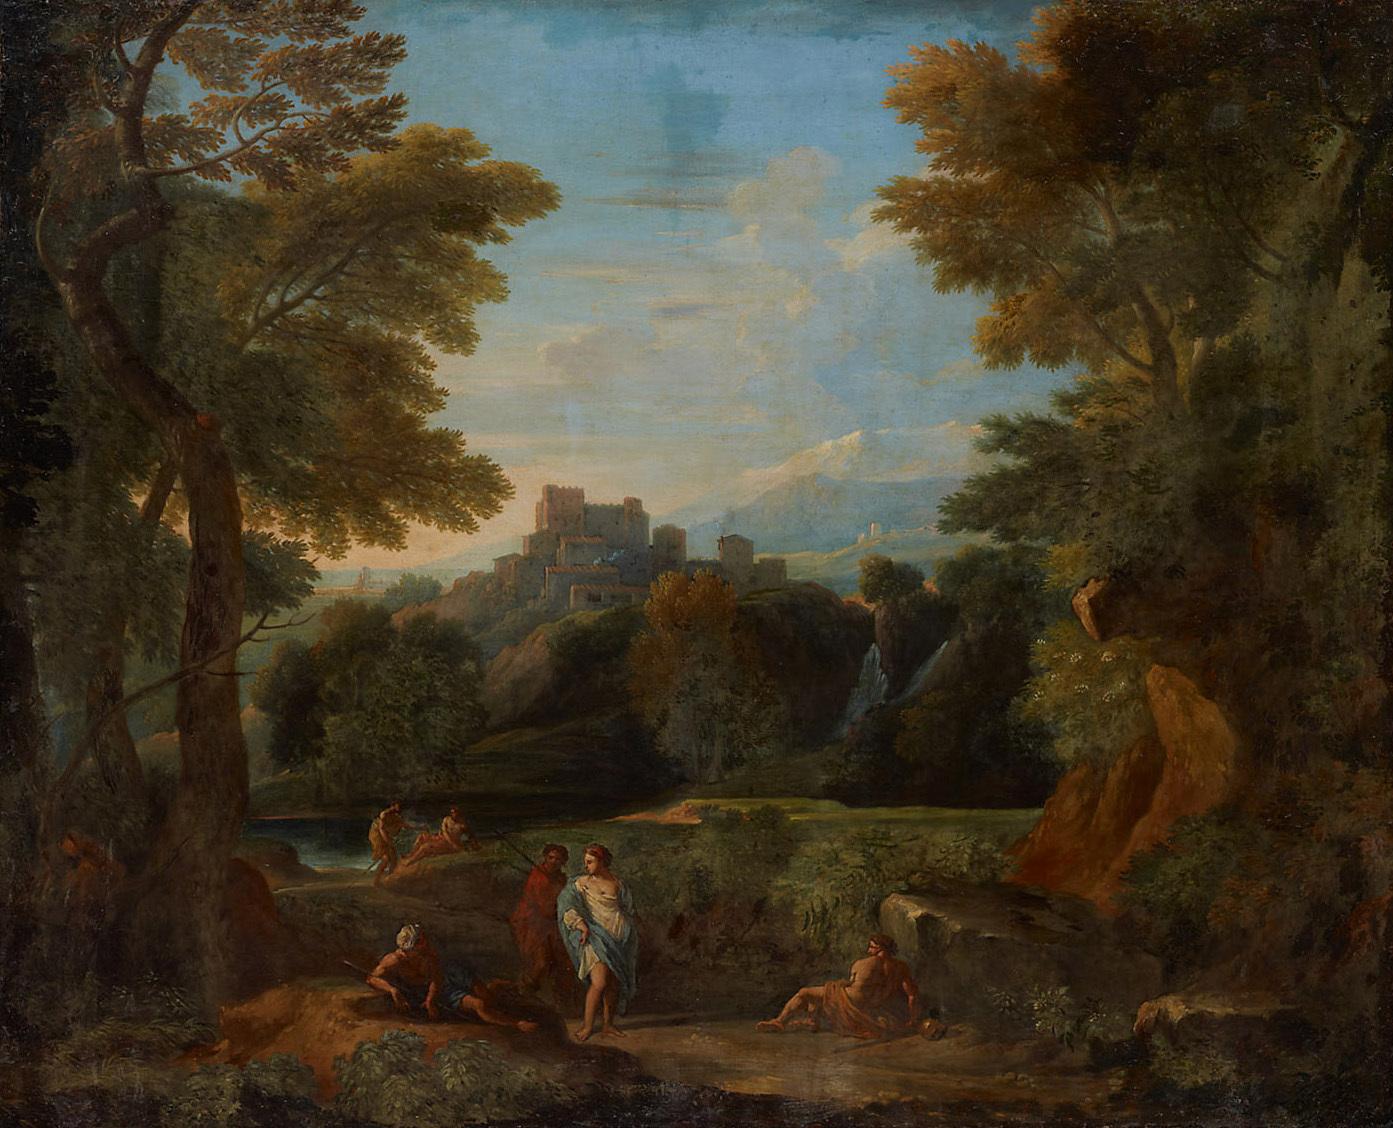 Italienische Landschaft von Jan Frans van Bloemen, gen. Orizzonte